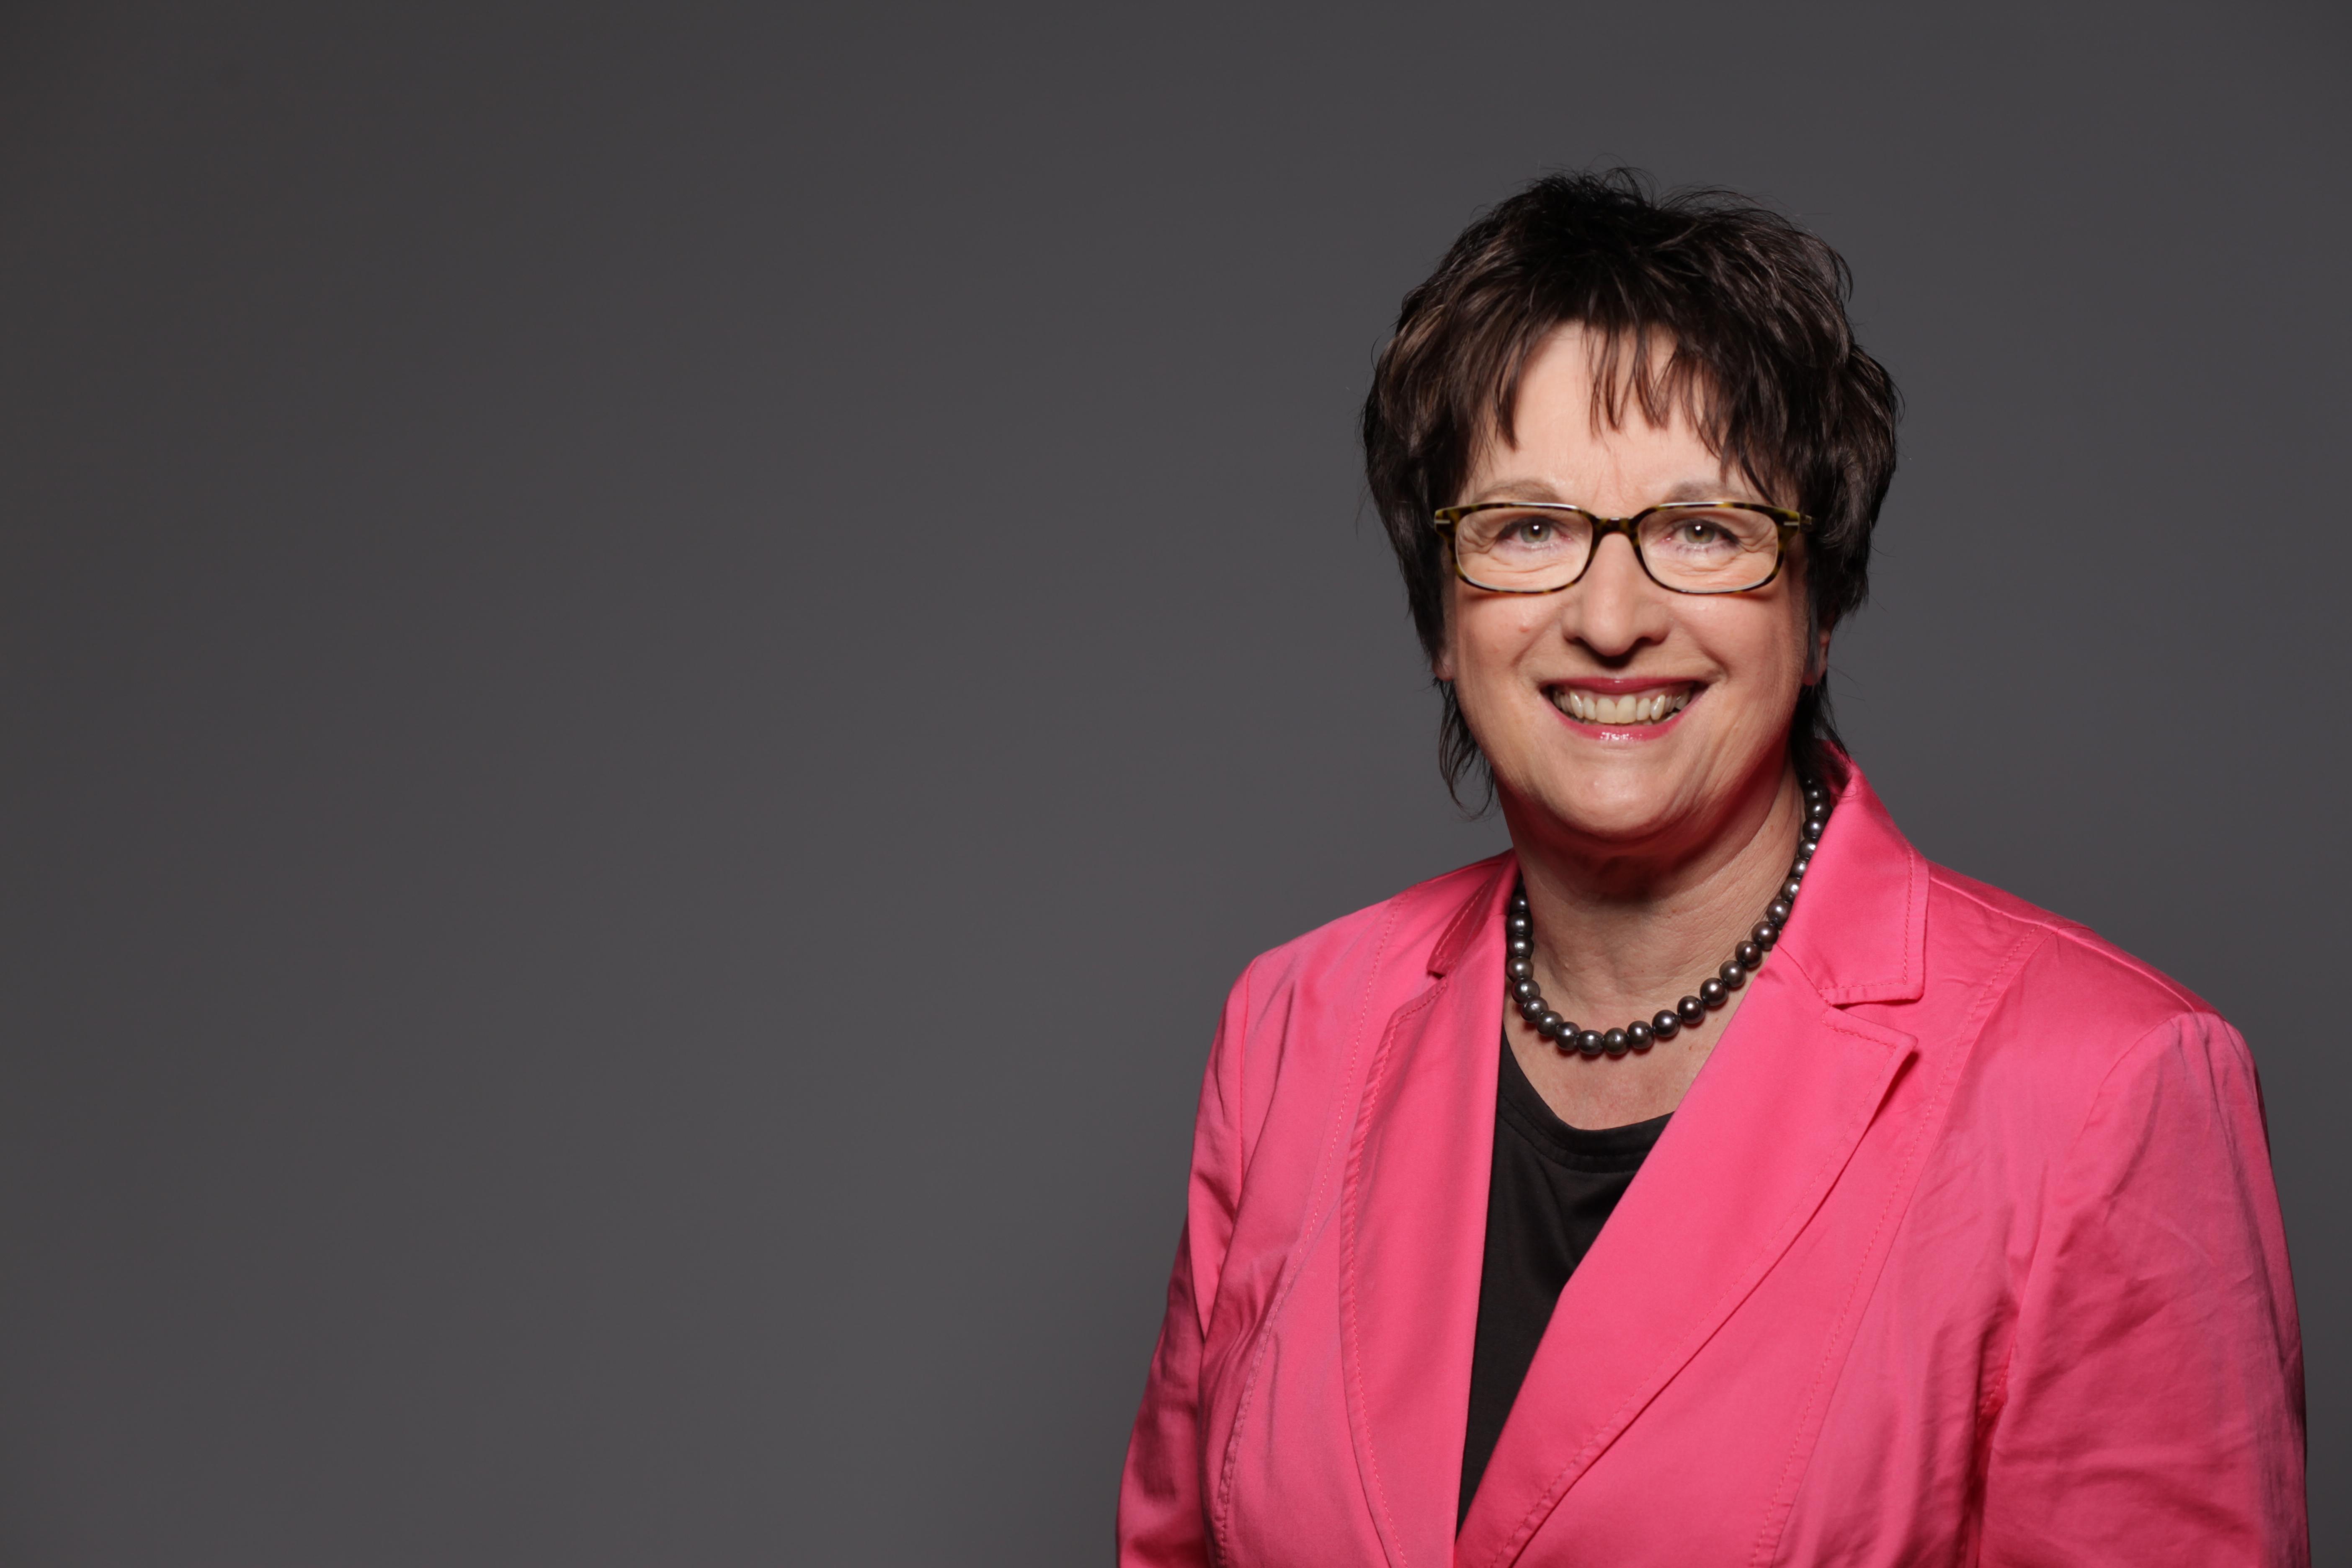 Brigitte Zypries (Foto: SPD-Parteivorstand)